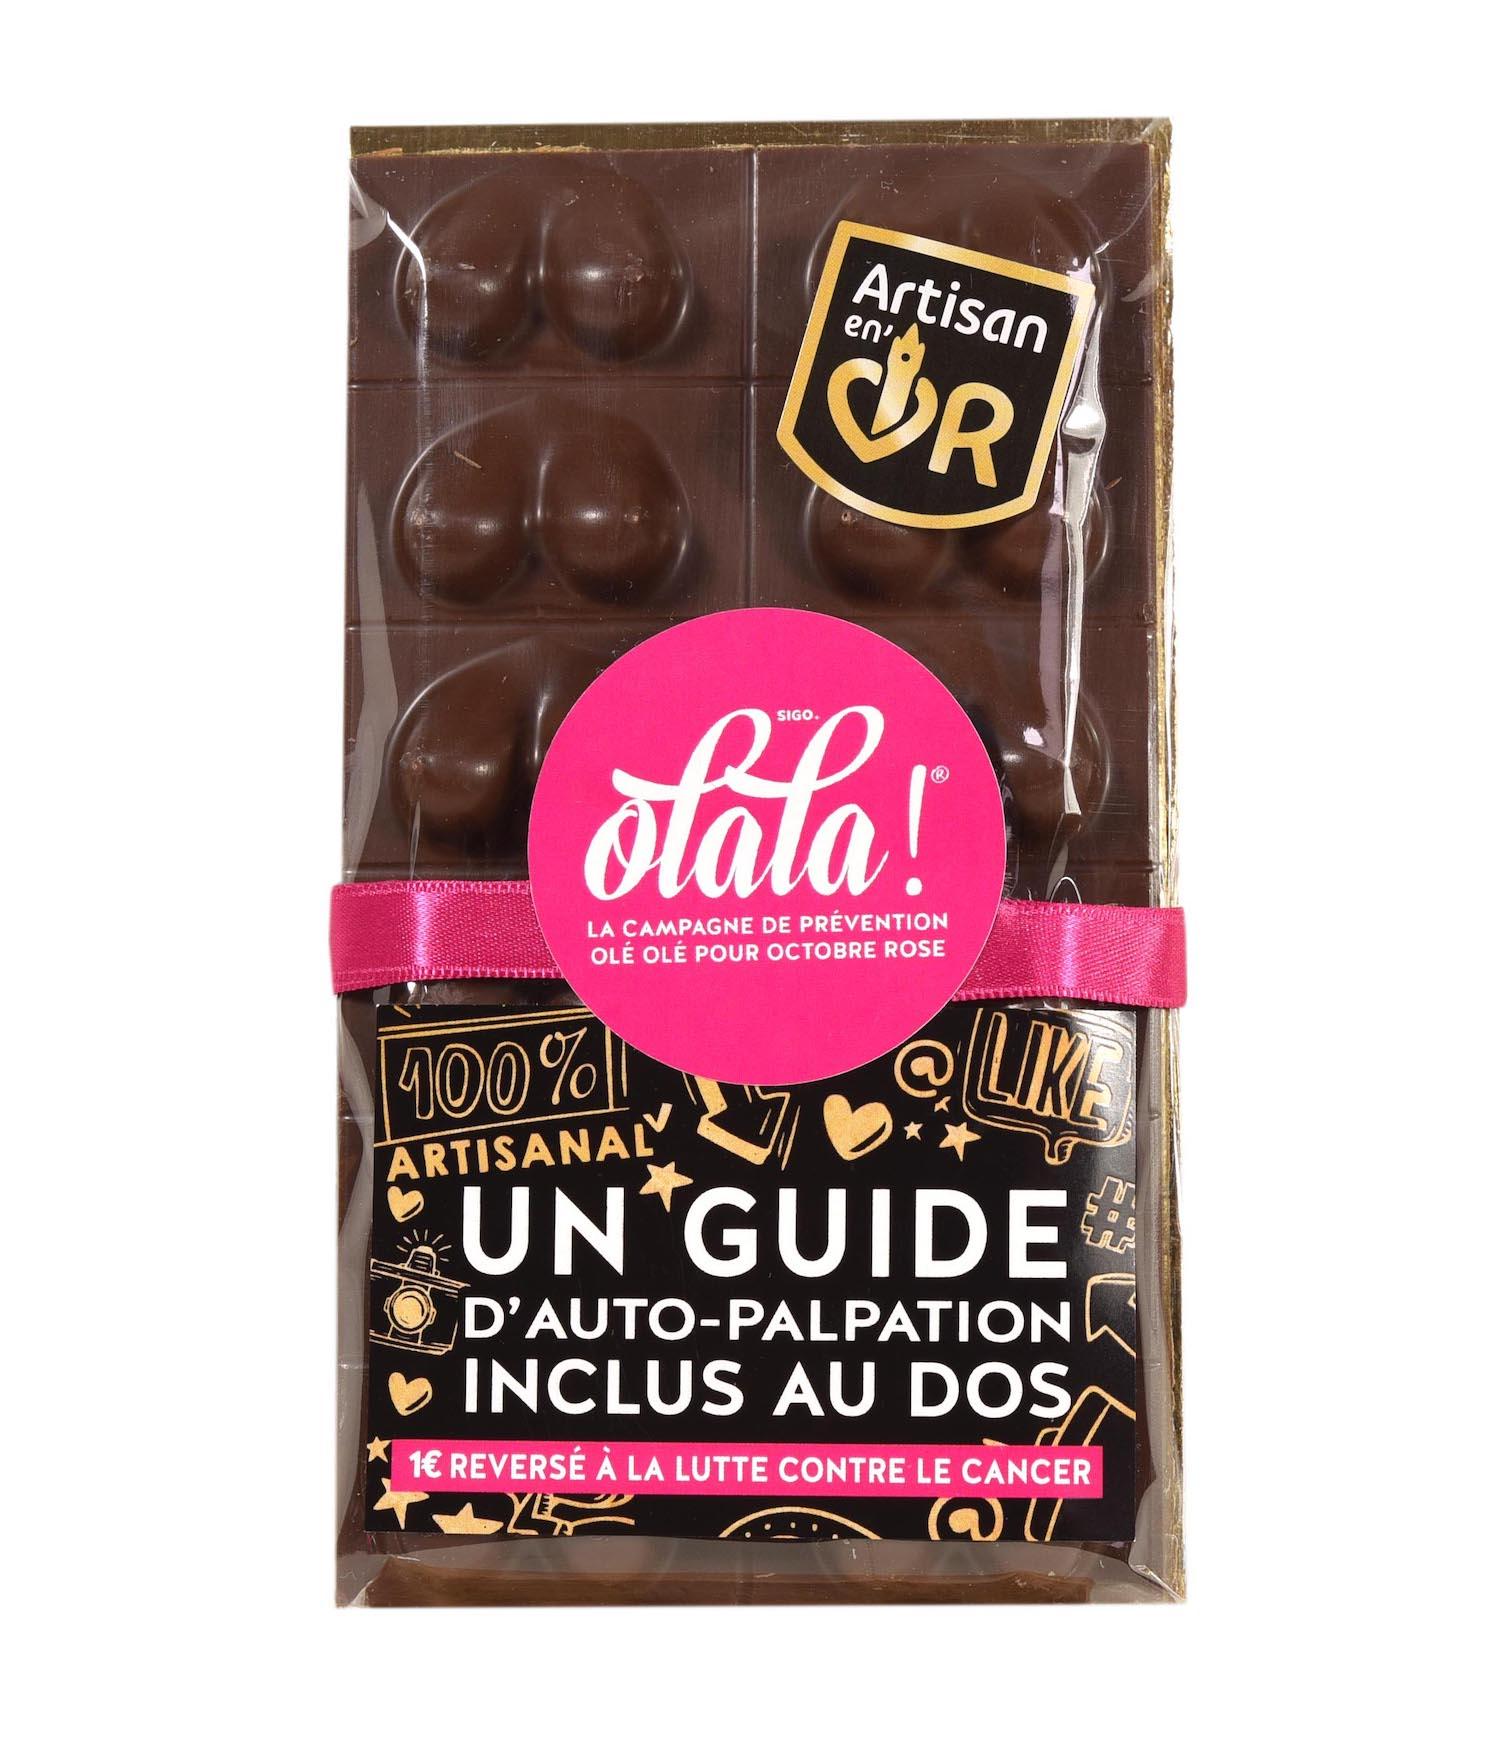 Une tablette de chocolat avec des seins pour Octobre rose